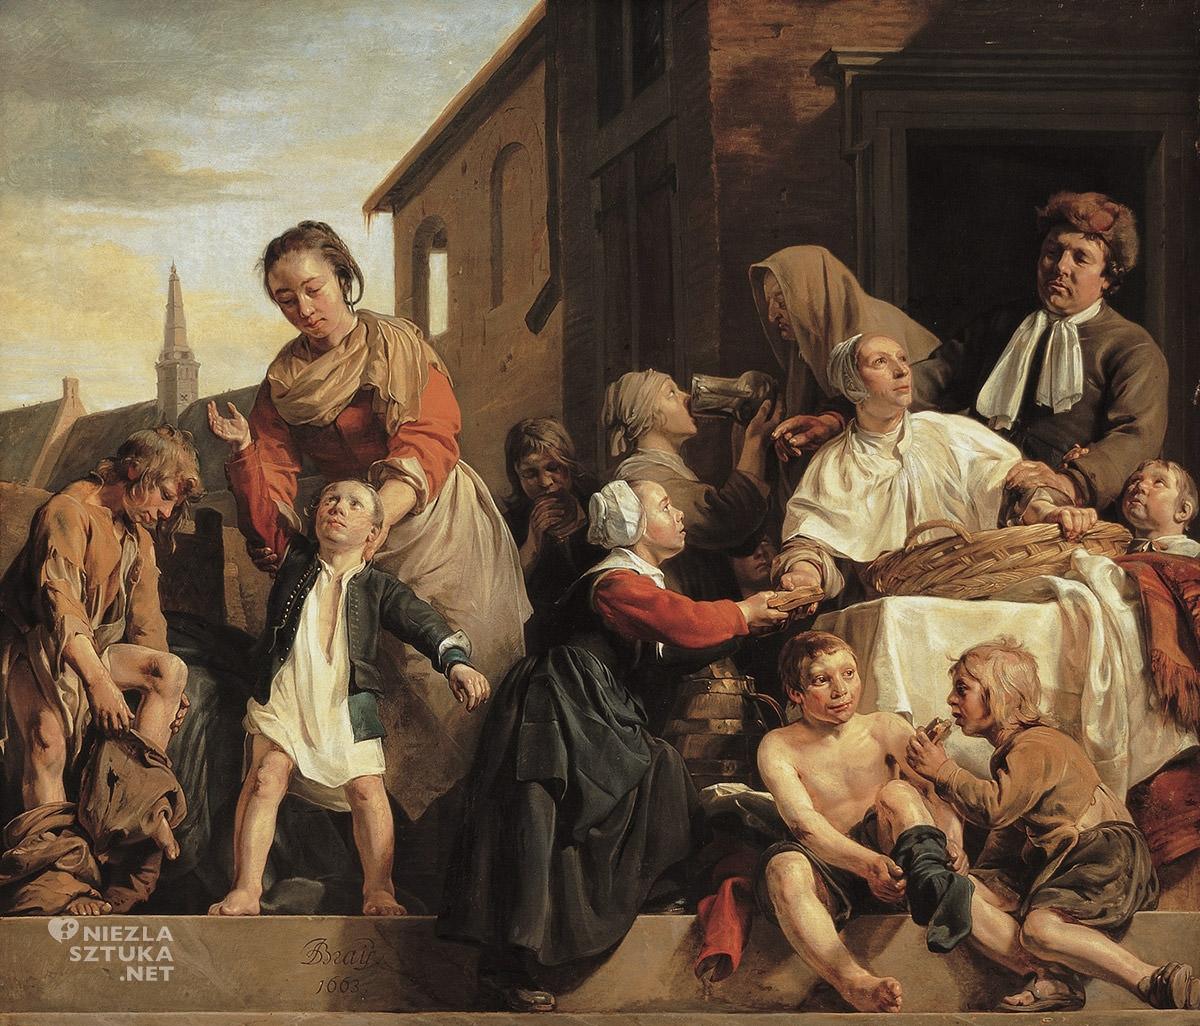 Jan de Bray, Opieka w sierocińcu w Haarlem, sztuka niderlandzka, Niezła Sztuka